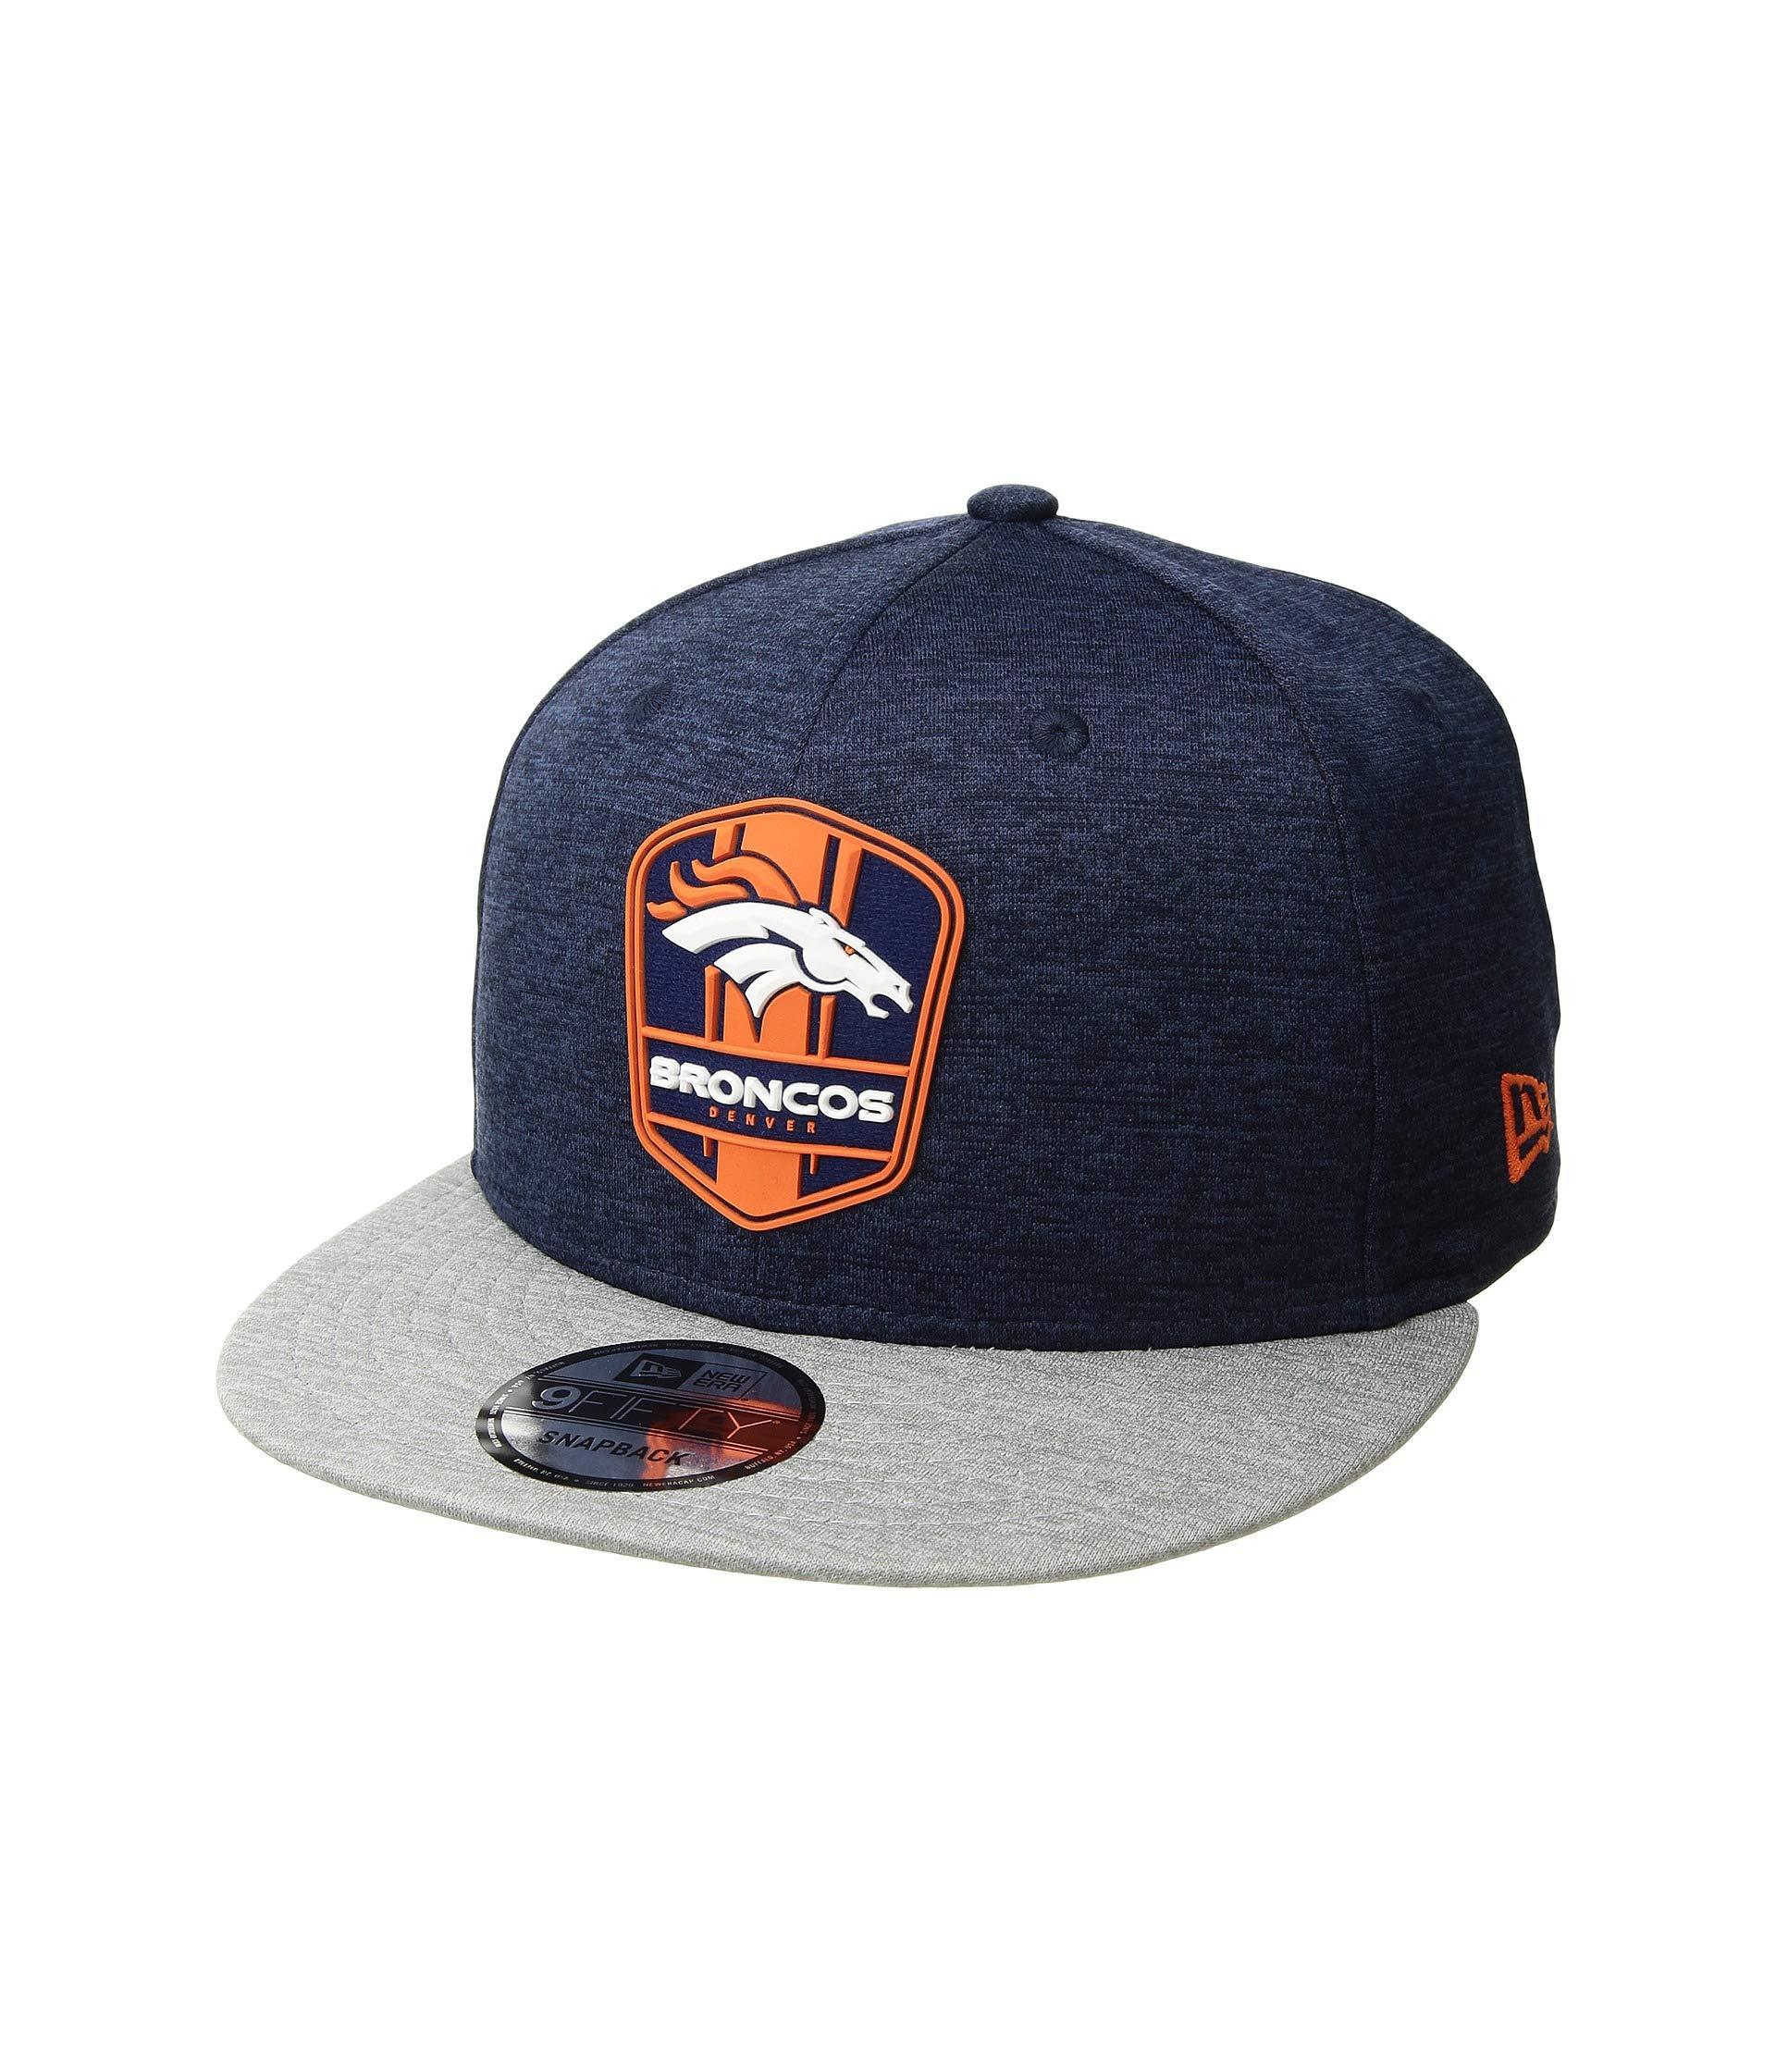 Lyst - Ktz 9fifty Official Sideline Away Snapback - Denver Broncos ... 945090aff